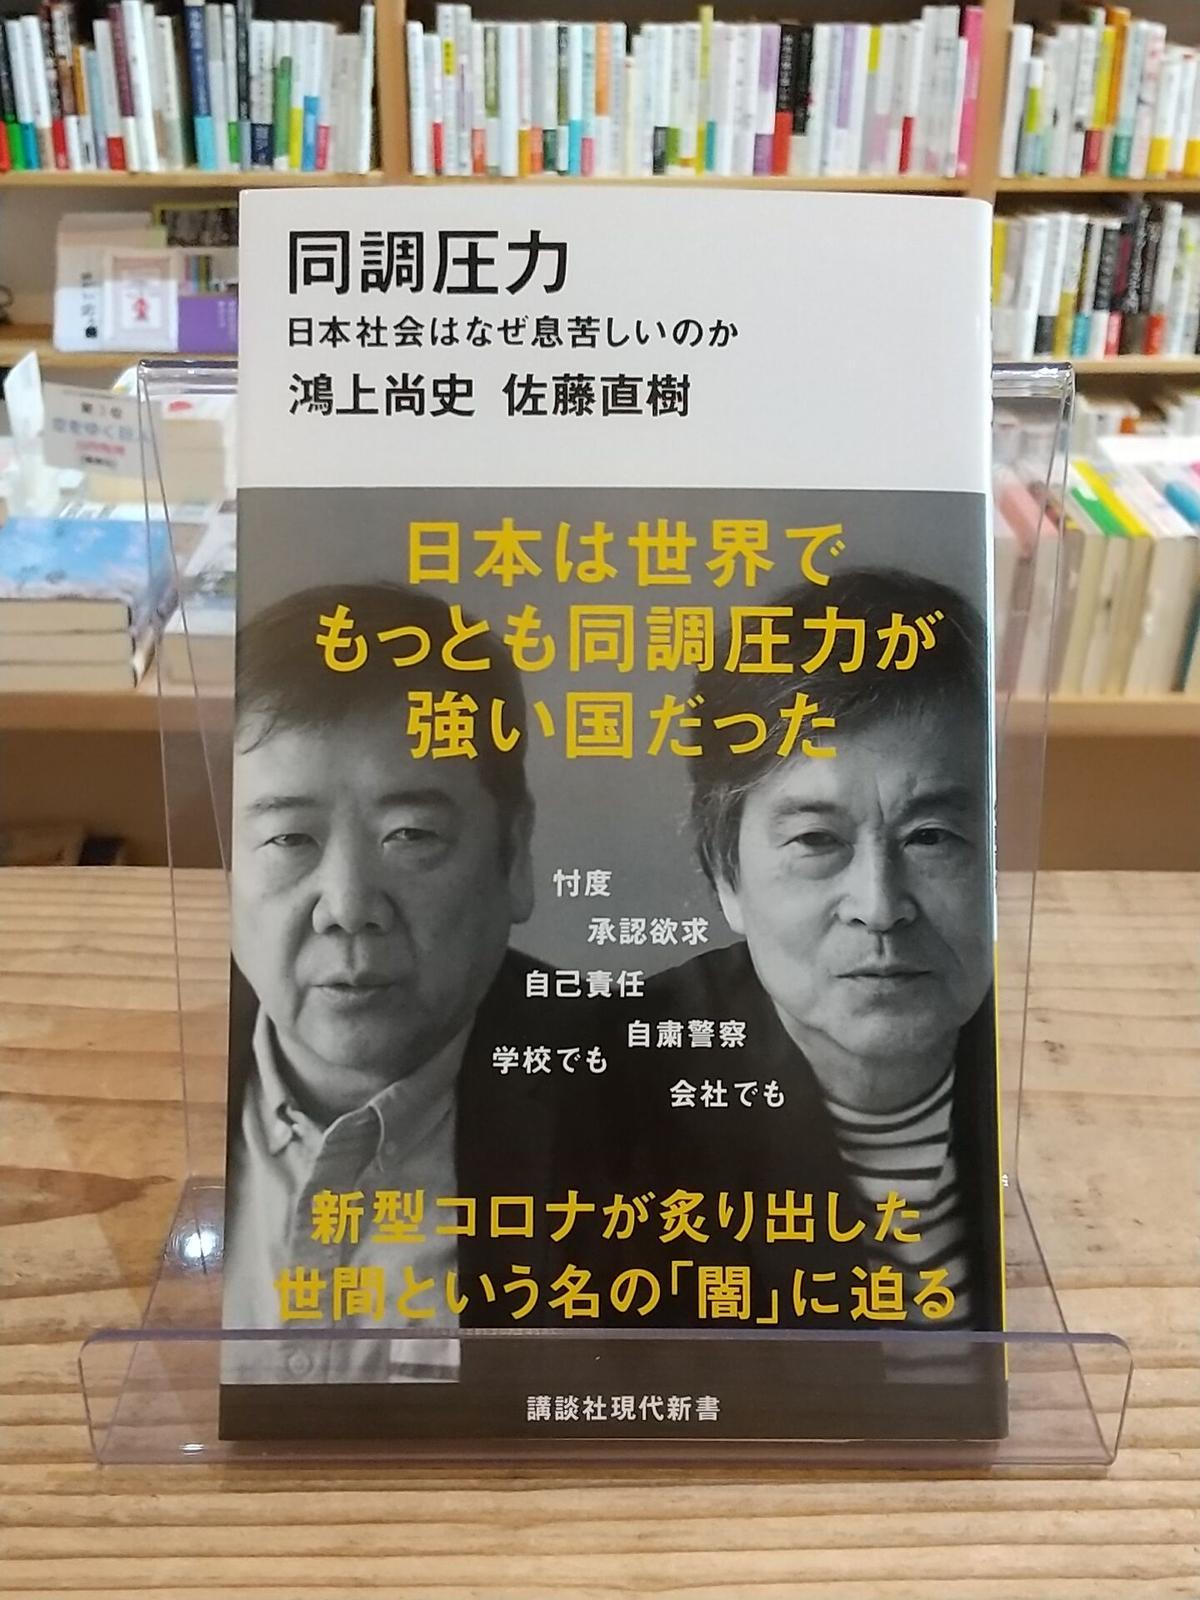 同調圧力 日本社会はなぜ息苦しいのか (講談社現代新書 ...